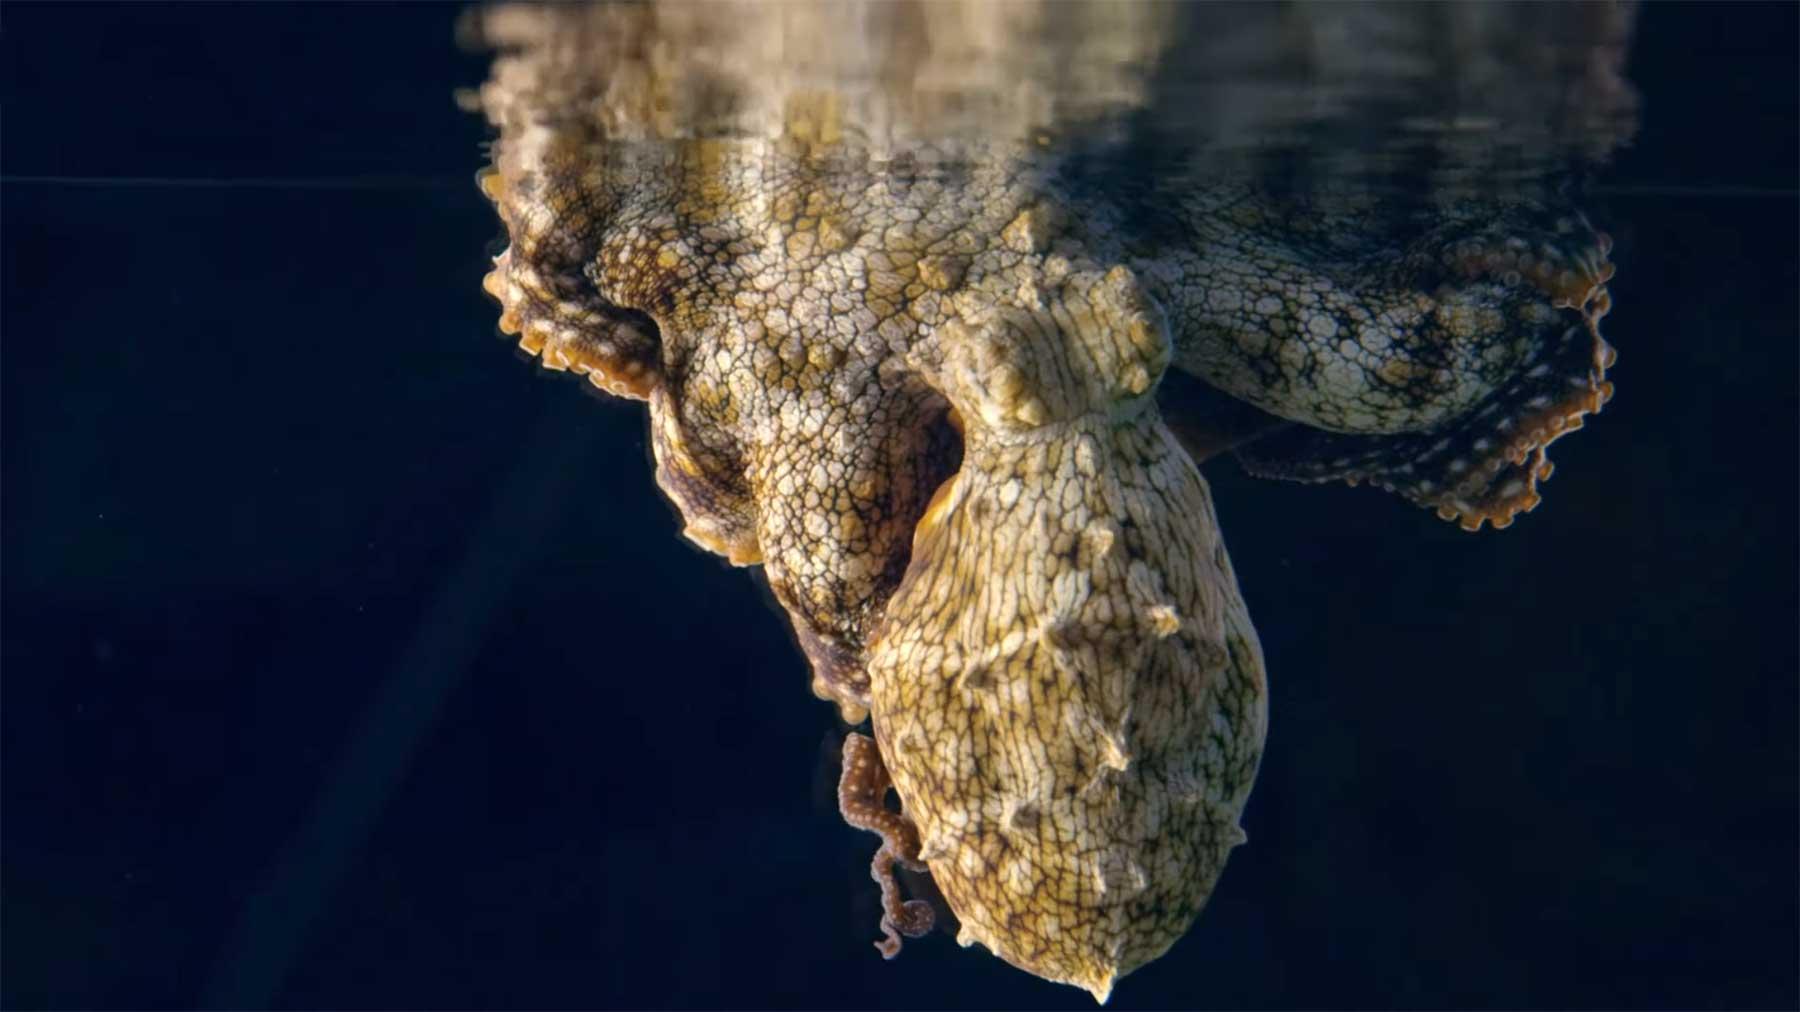 Oktopus ändert seine Farbe während er träumt